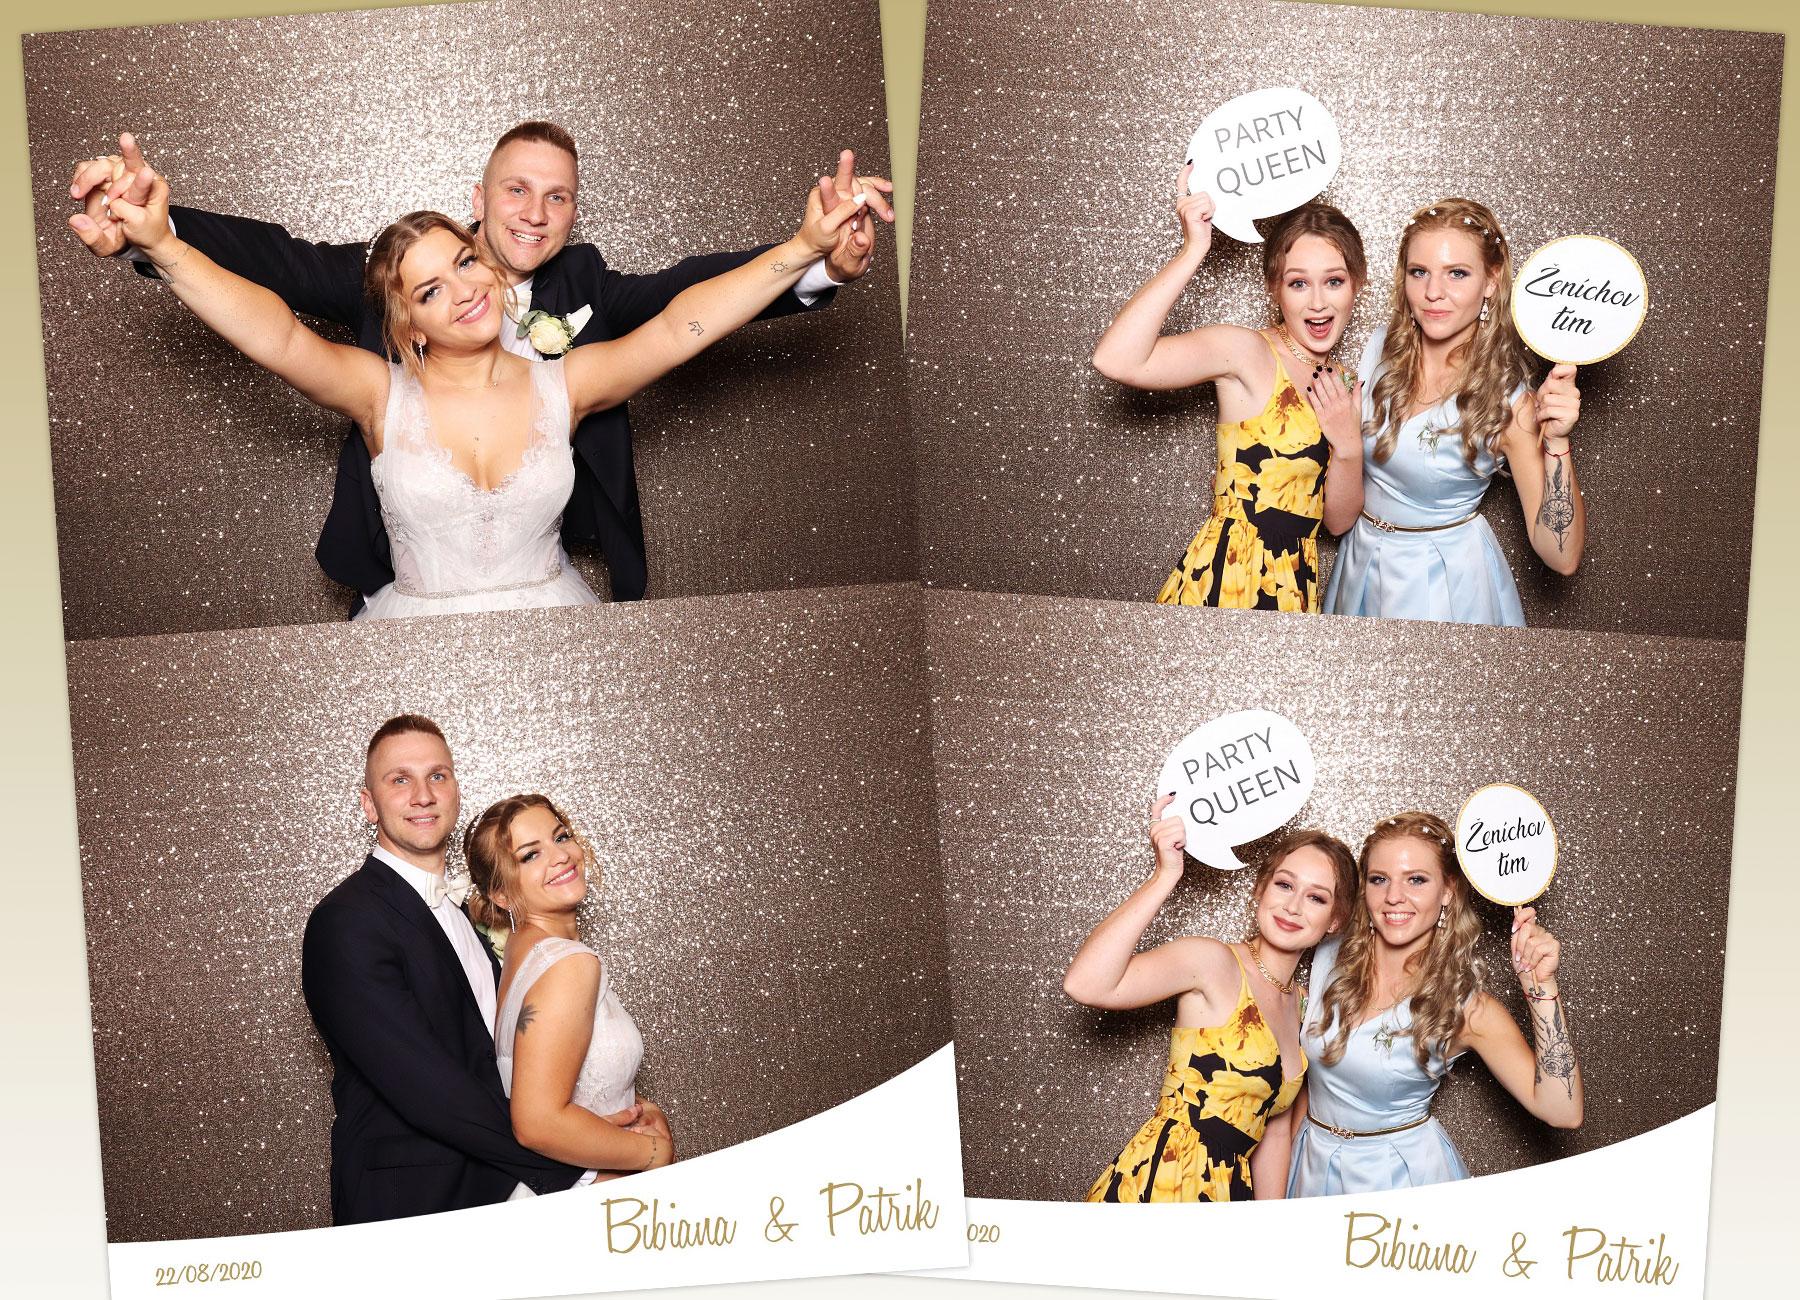 svadba zochova chata modra fotokutik champagne fotostena